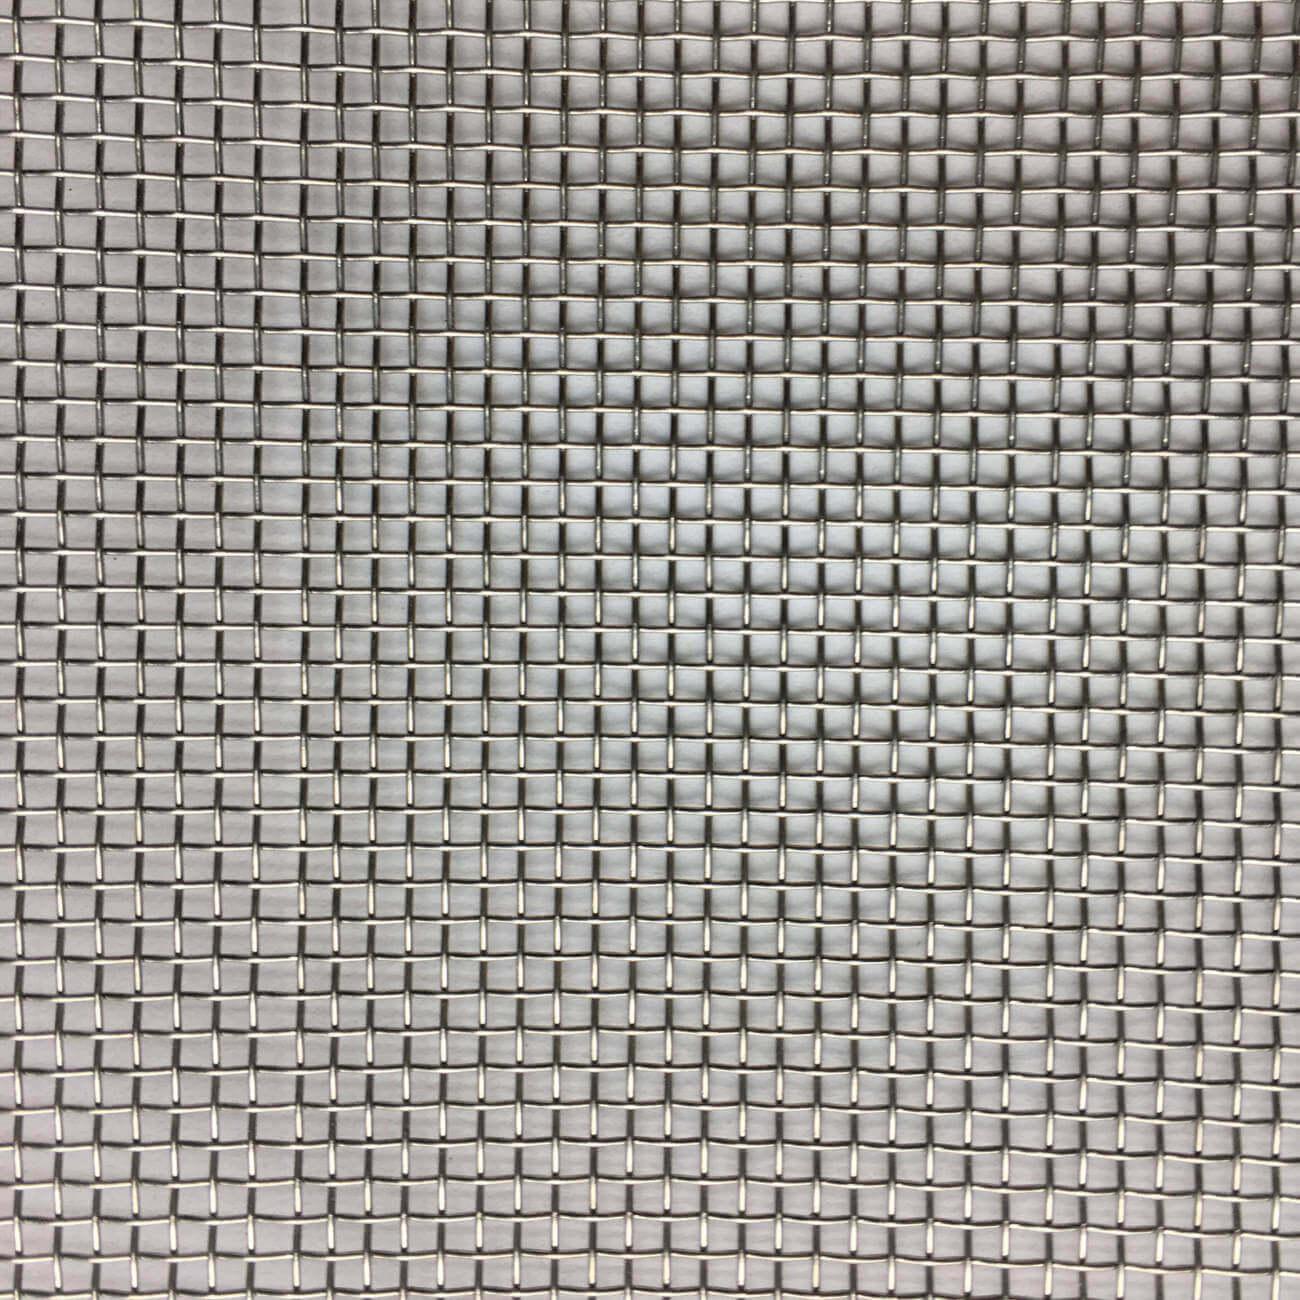 M01628 Fine Woven Wire Mesh Per Metre: 1.2 Openings